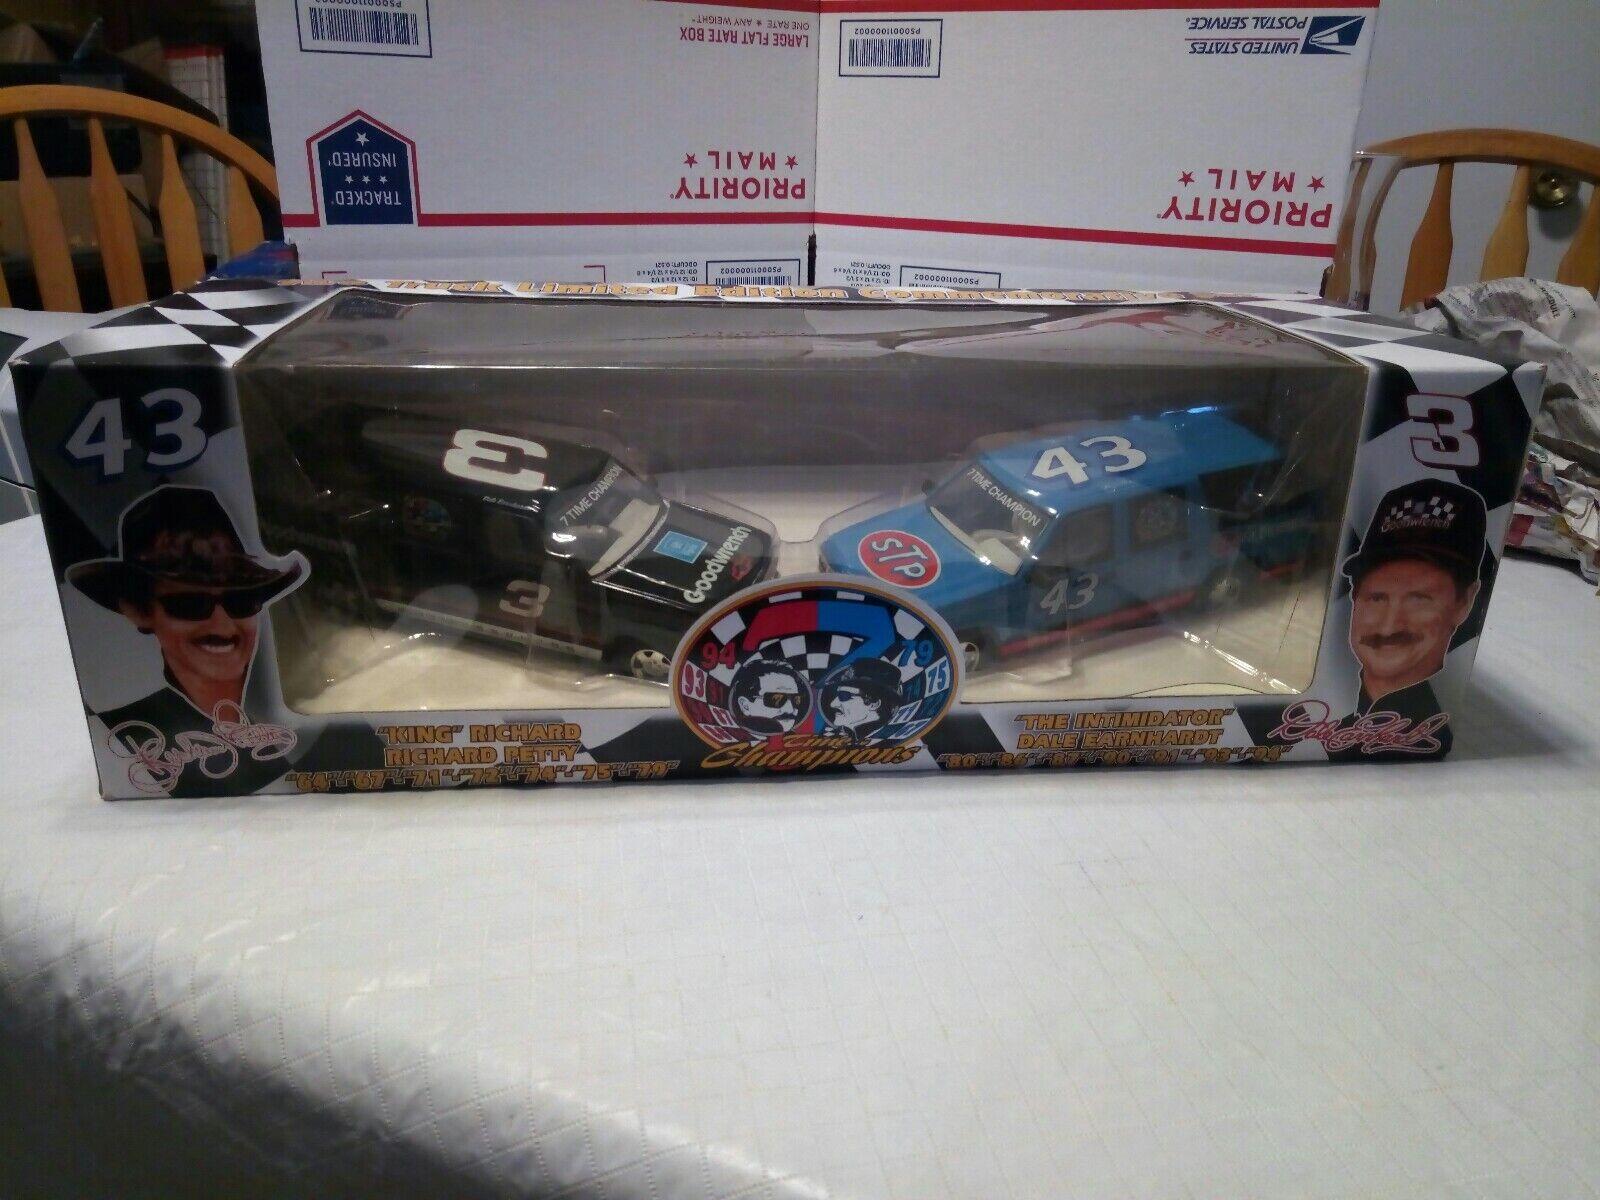 ventas en linea Dale Earnhardt & & & Richard Petty NasCoche 2 Juego de camión en Diecast Escala 125 Nuevo En Caja  precio mas barato